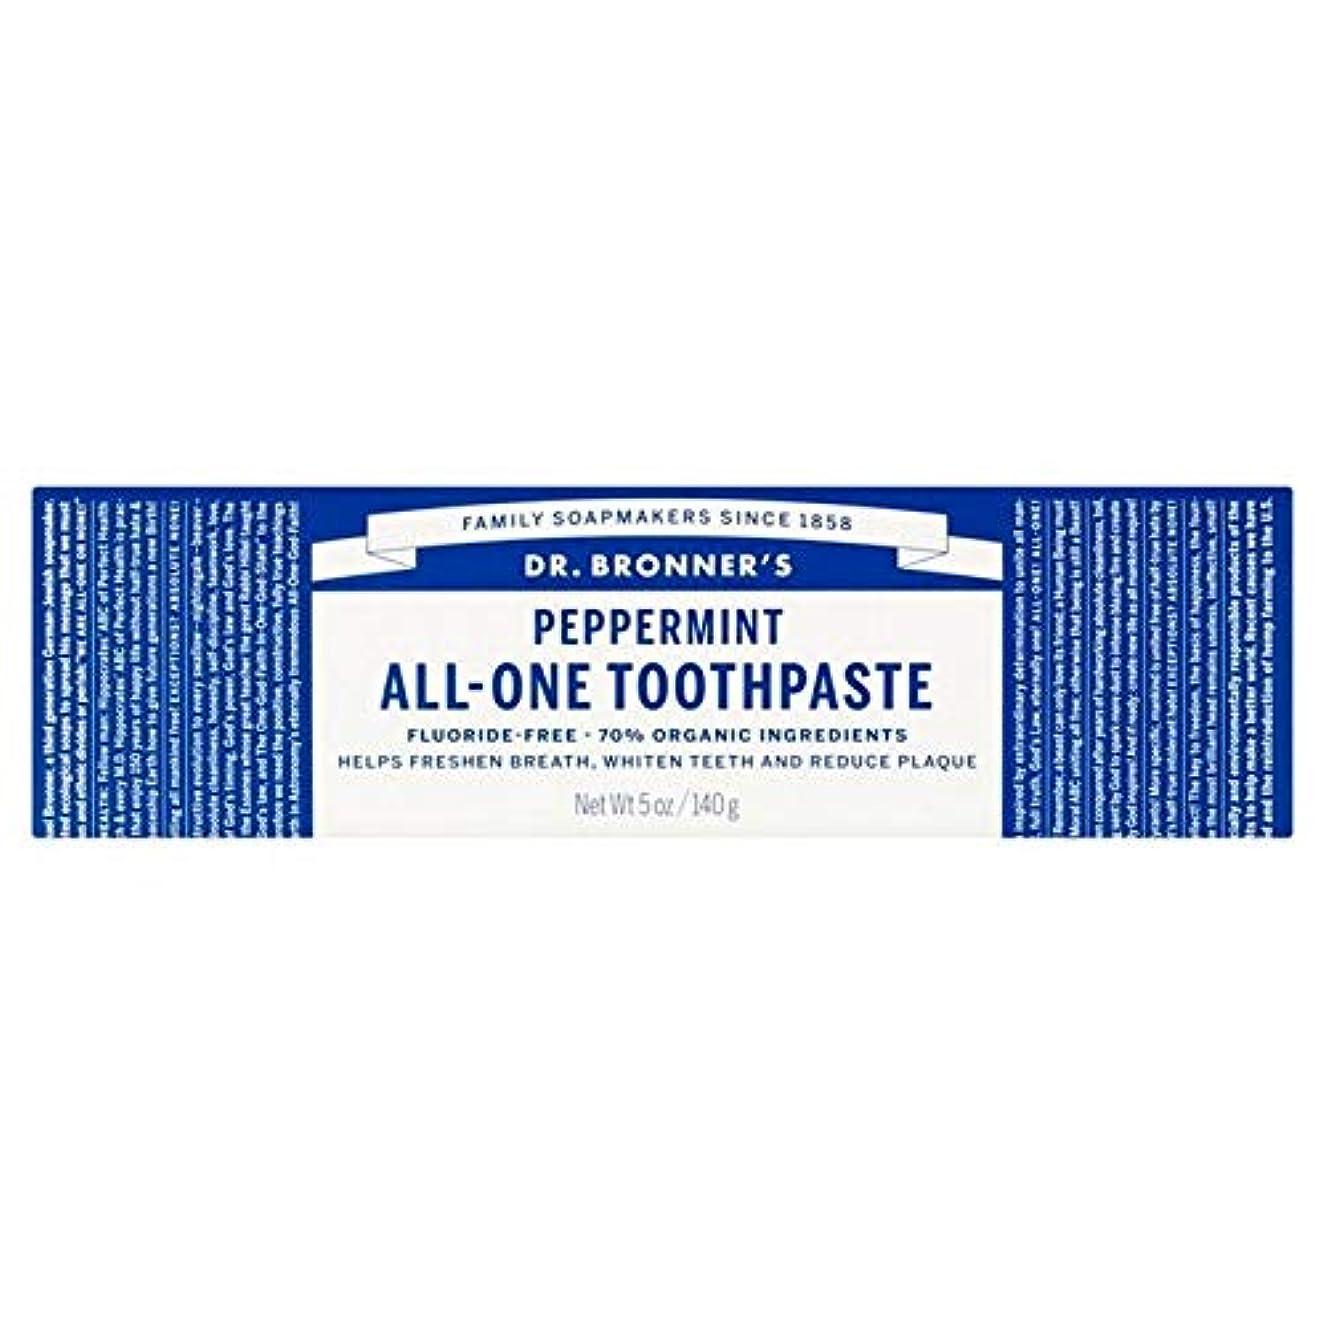 ロッドルーファックス[Dr Bronner] Dr。ブロナーズ歯磨き粉すべて1、ペパーミント148ミリリットル - Dr. Bronner's Toothpaste All One, Peppermint 148ml [並行輸入品]